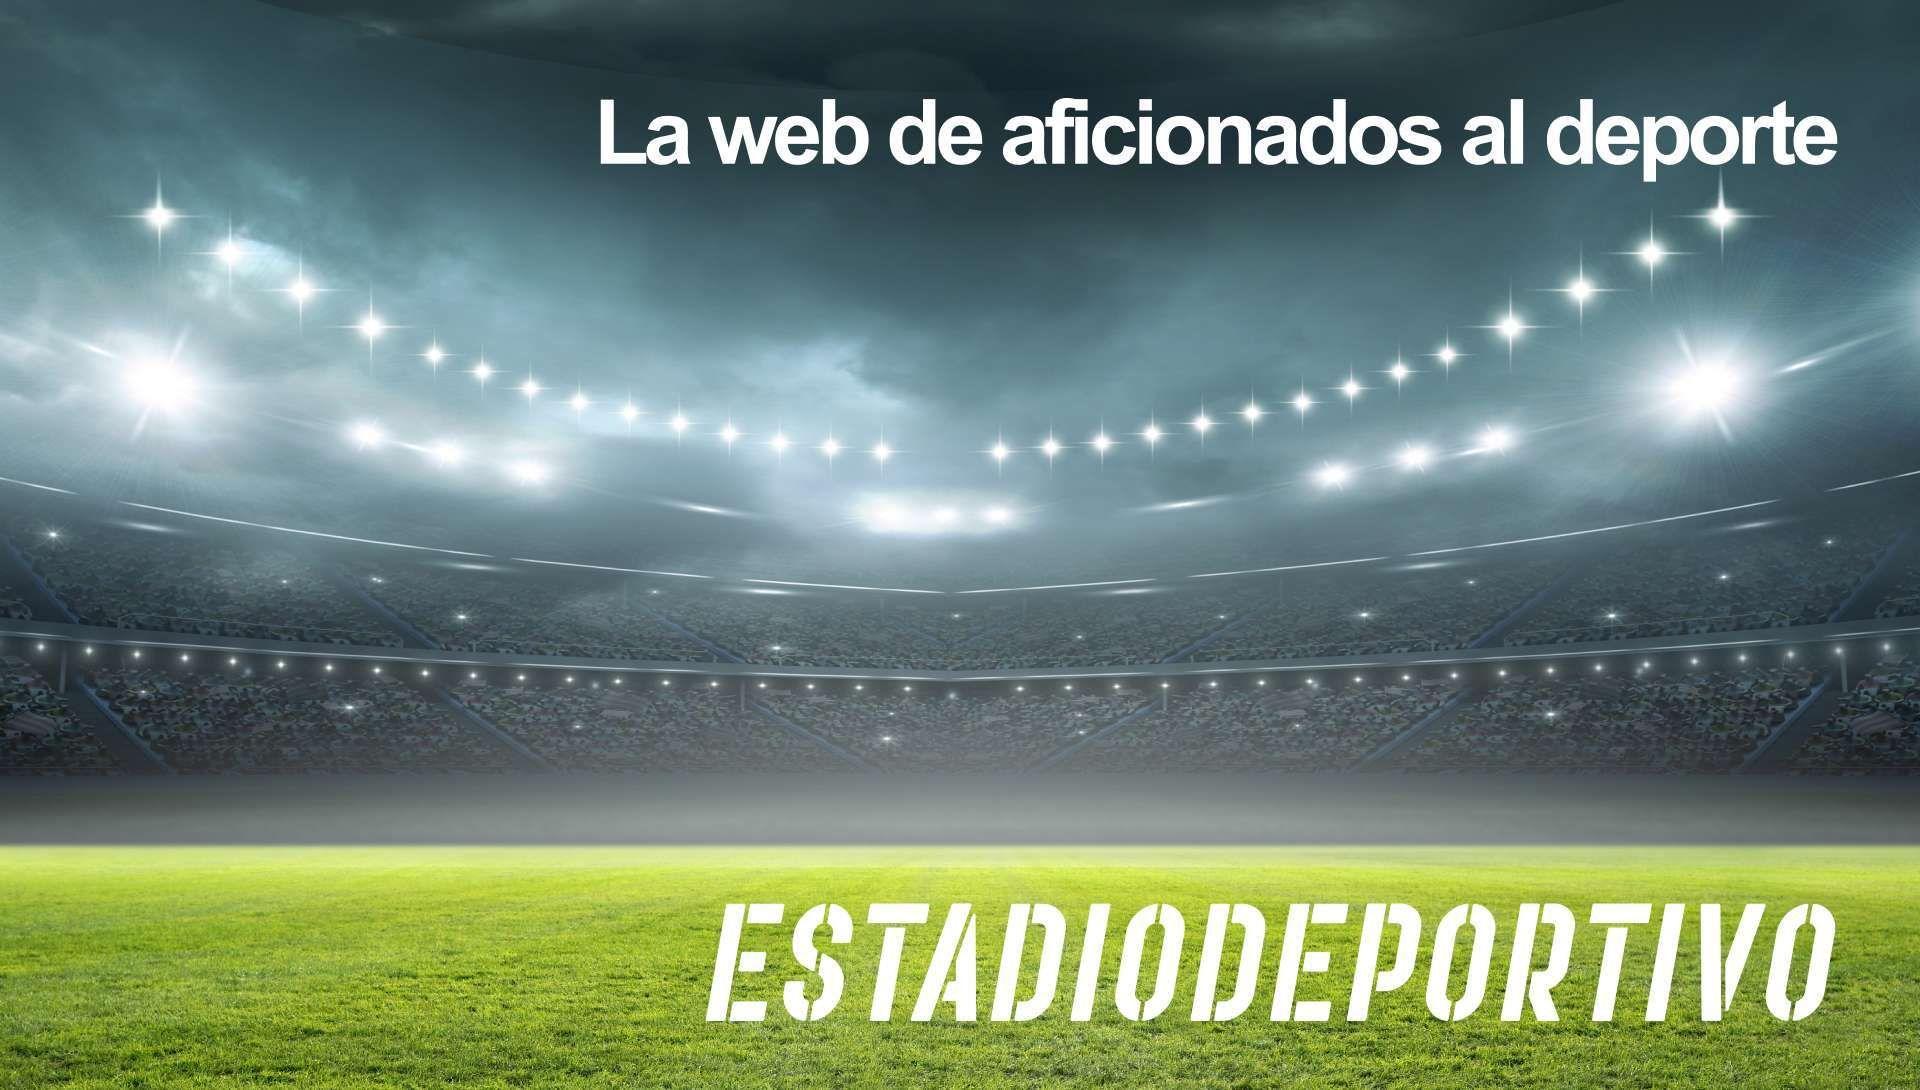 Las portadas del martes 6 de julio